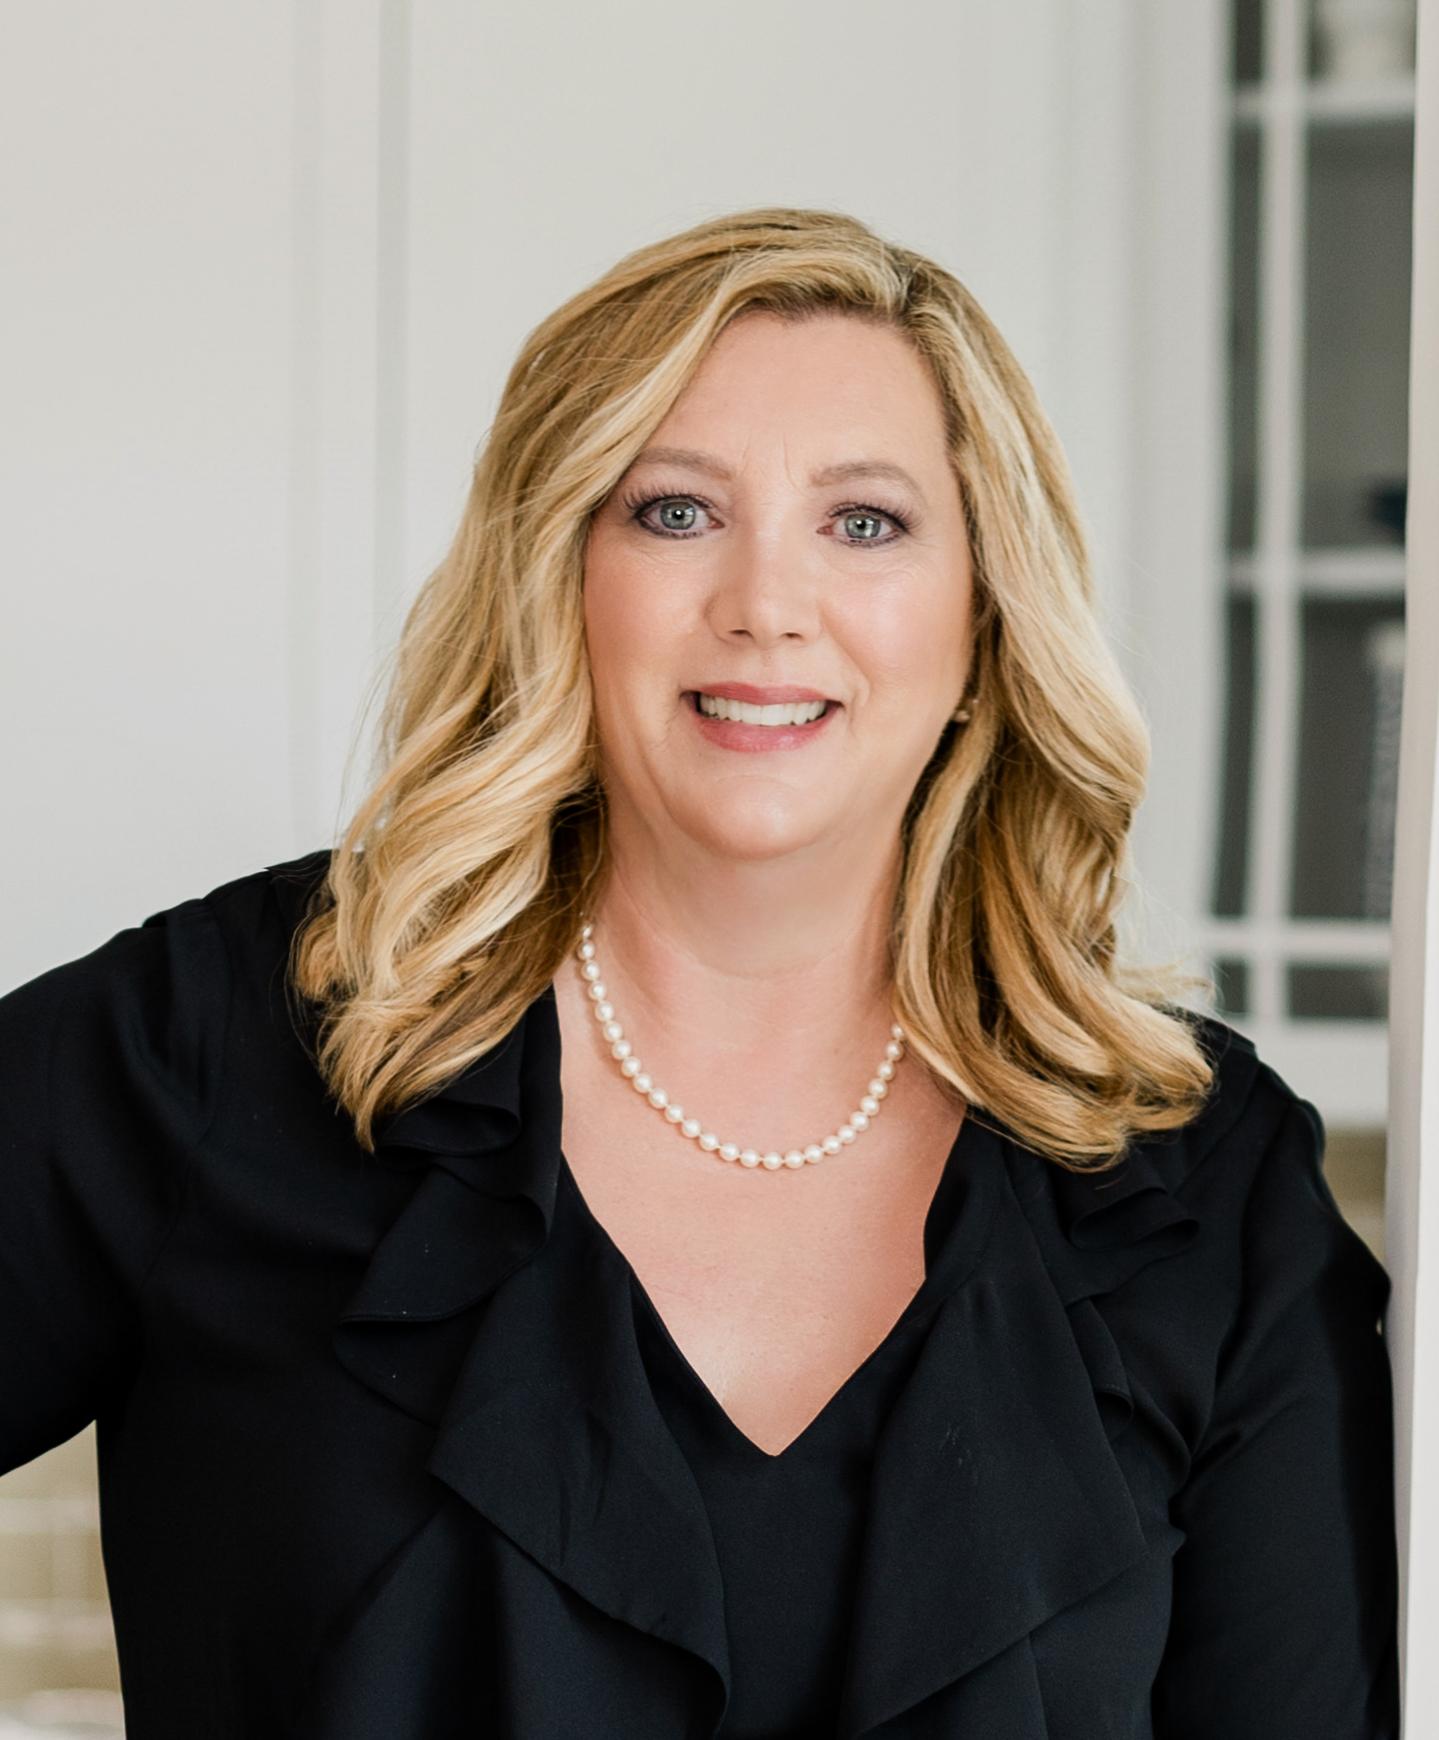 Kimberly Drescher